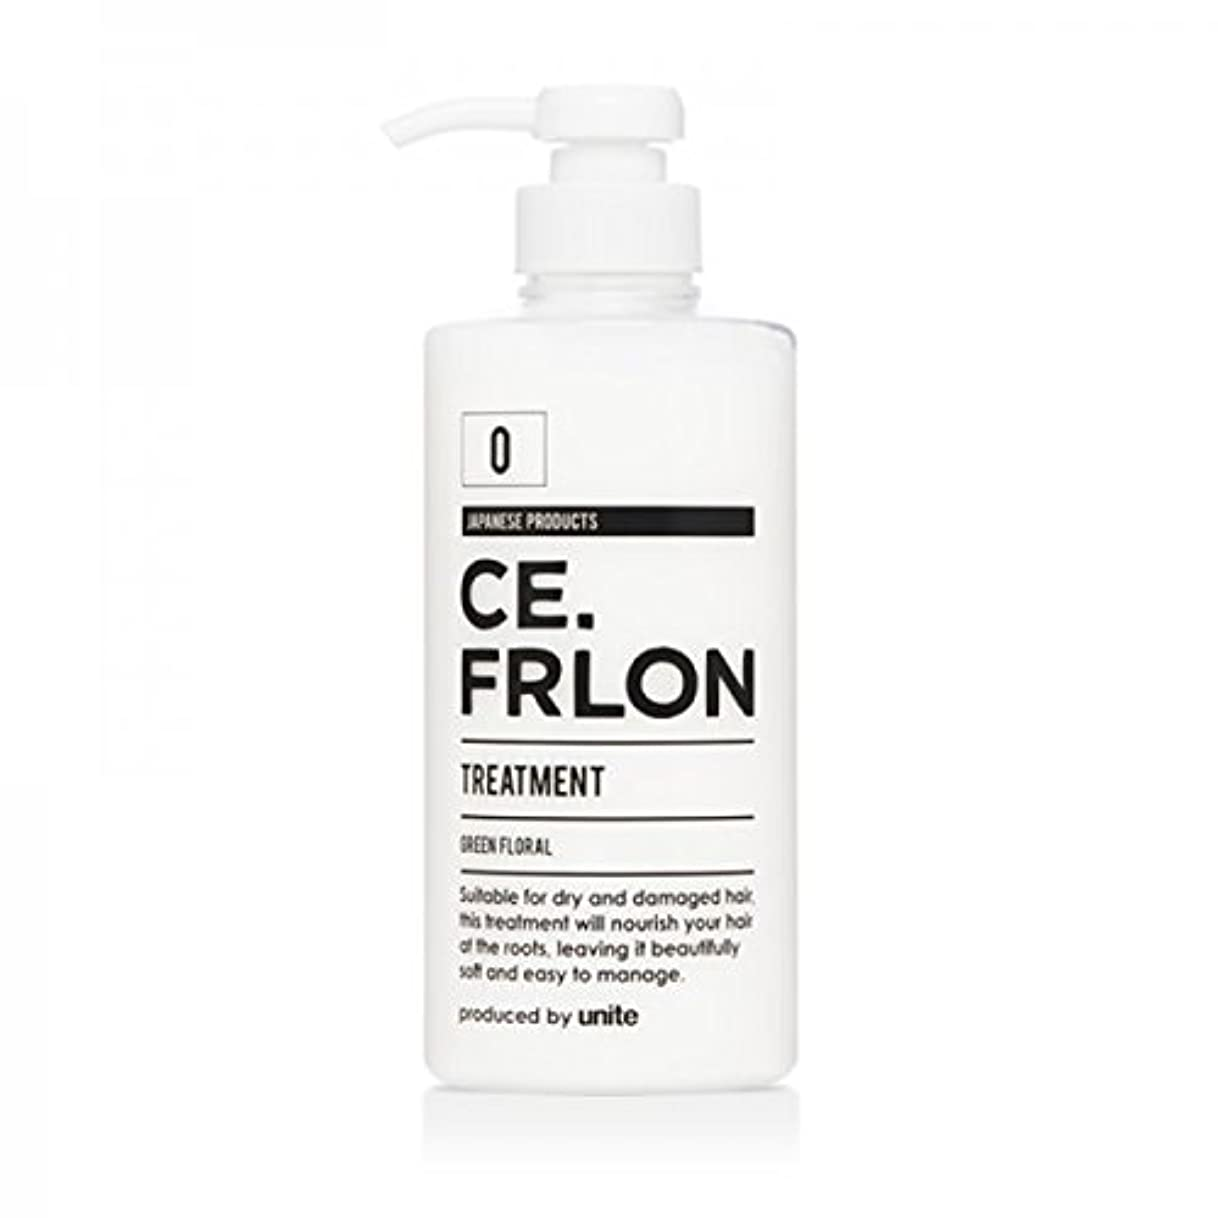 世界家畜セミナートリートメント 500g CE.FRLON (美容師が開発したヘアケア商品)